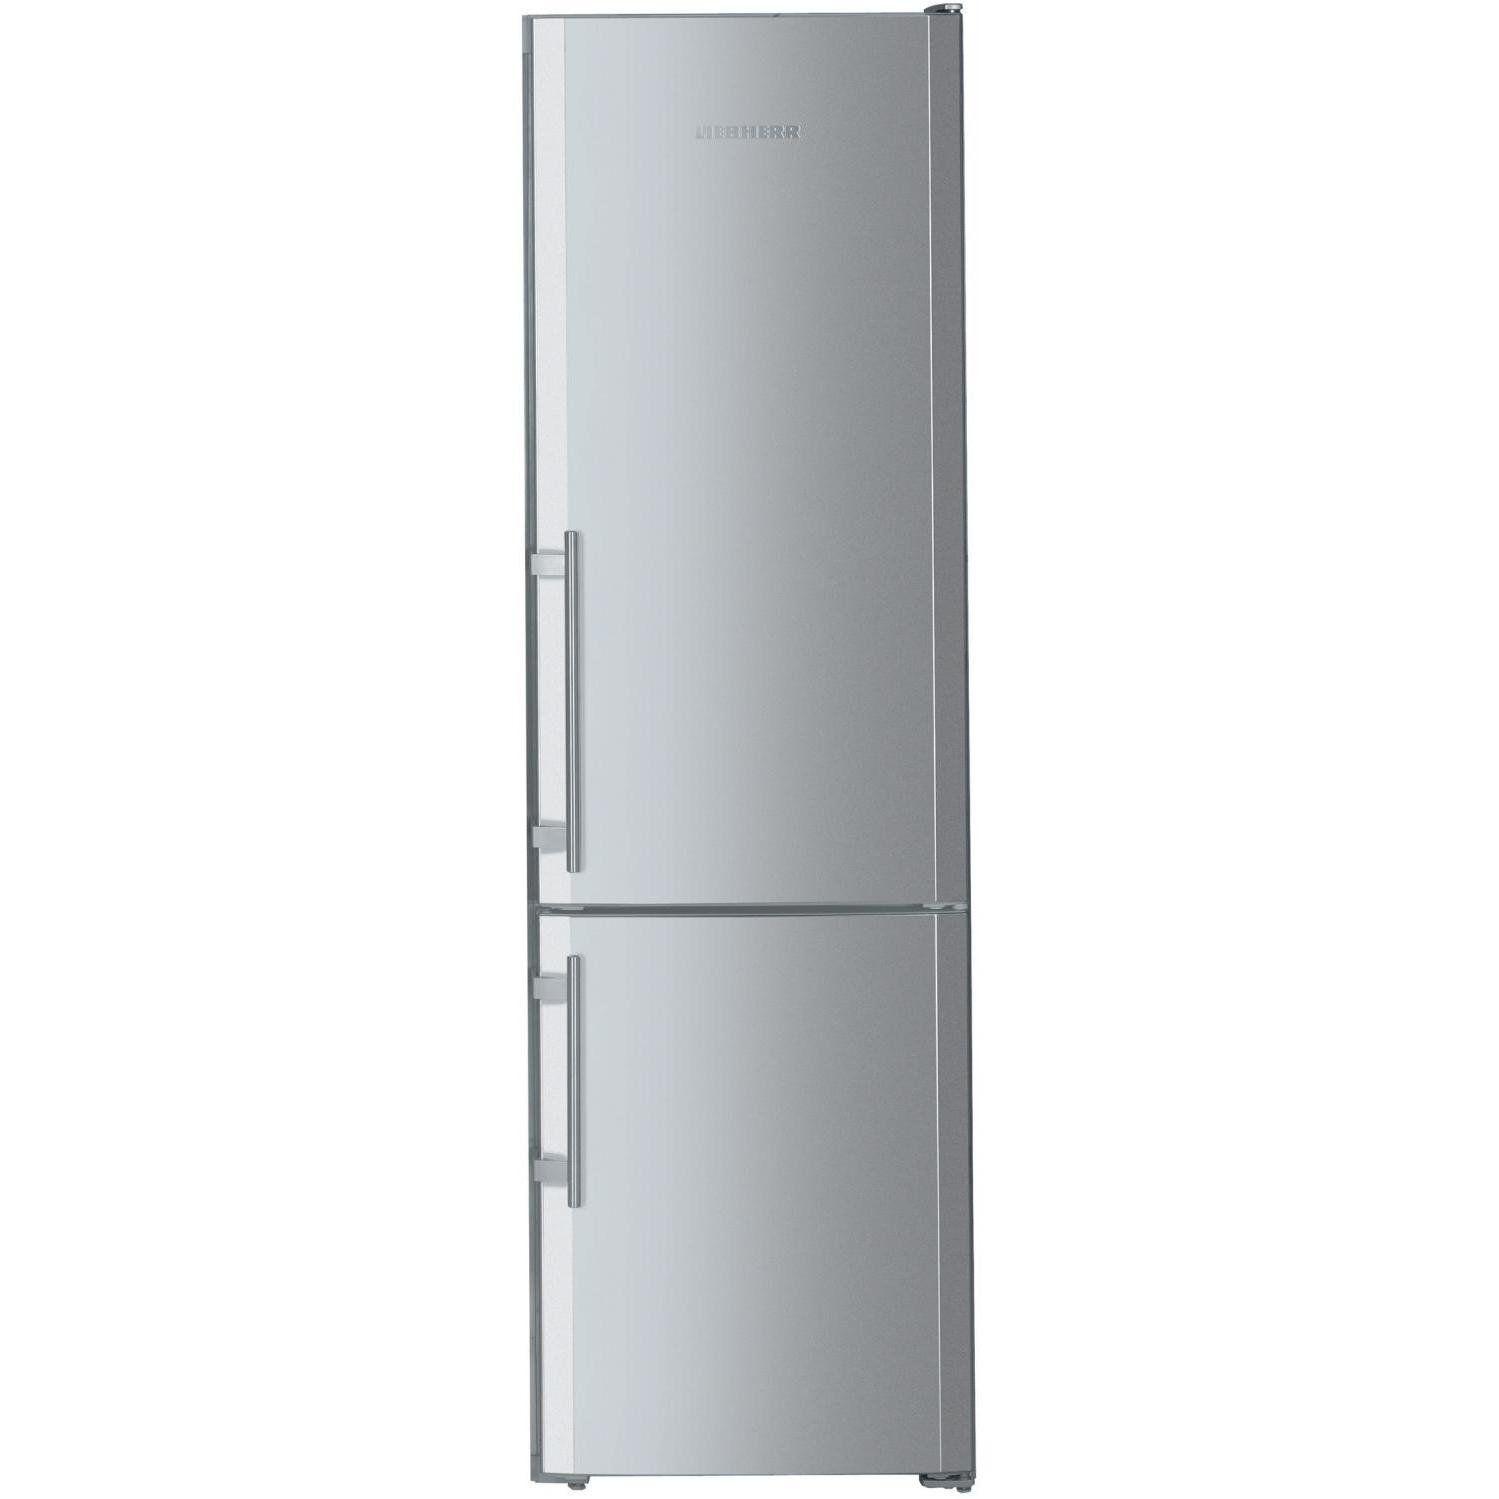 Liebherr 30 Fridge Stainless Steel Counters Best Refrigerator